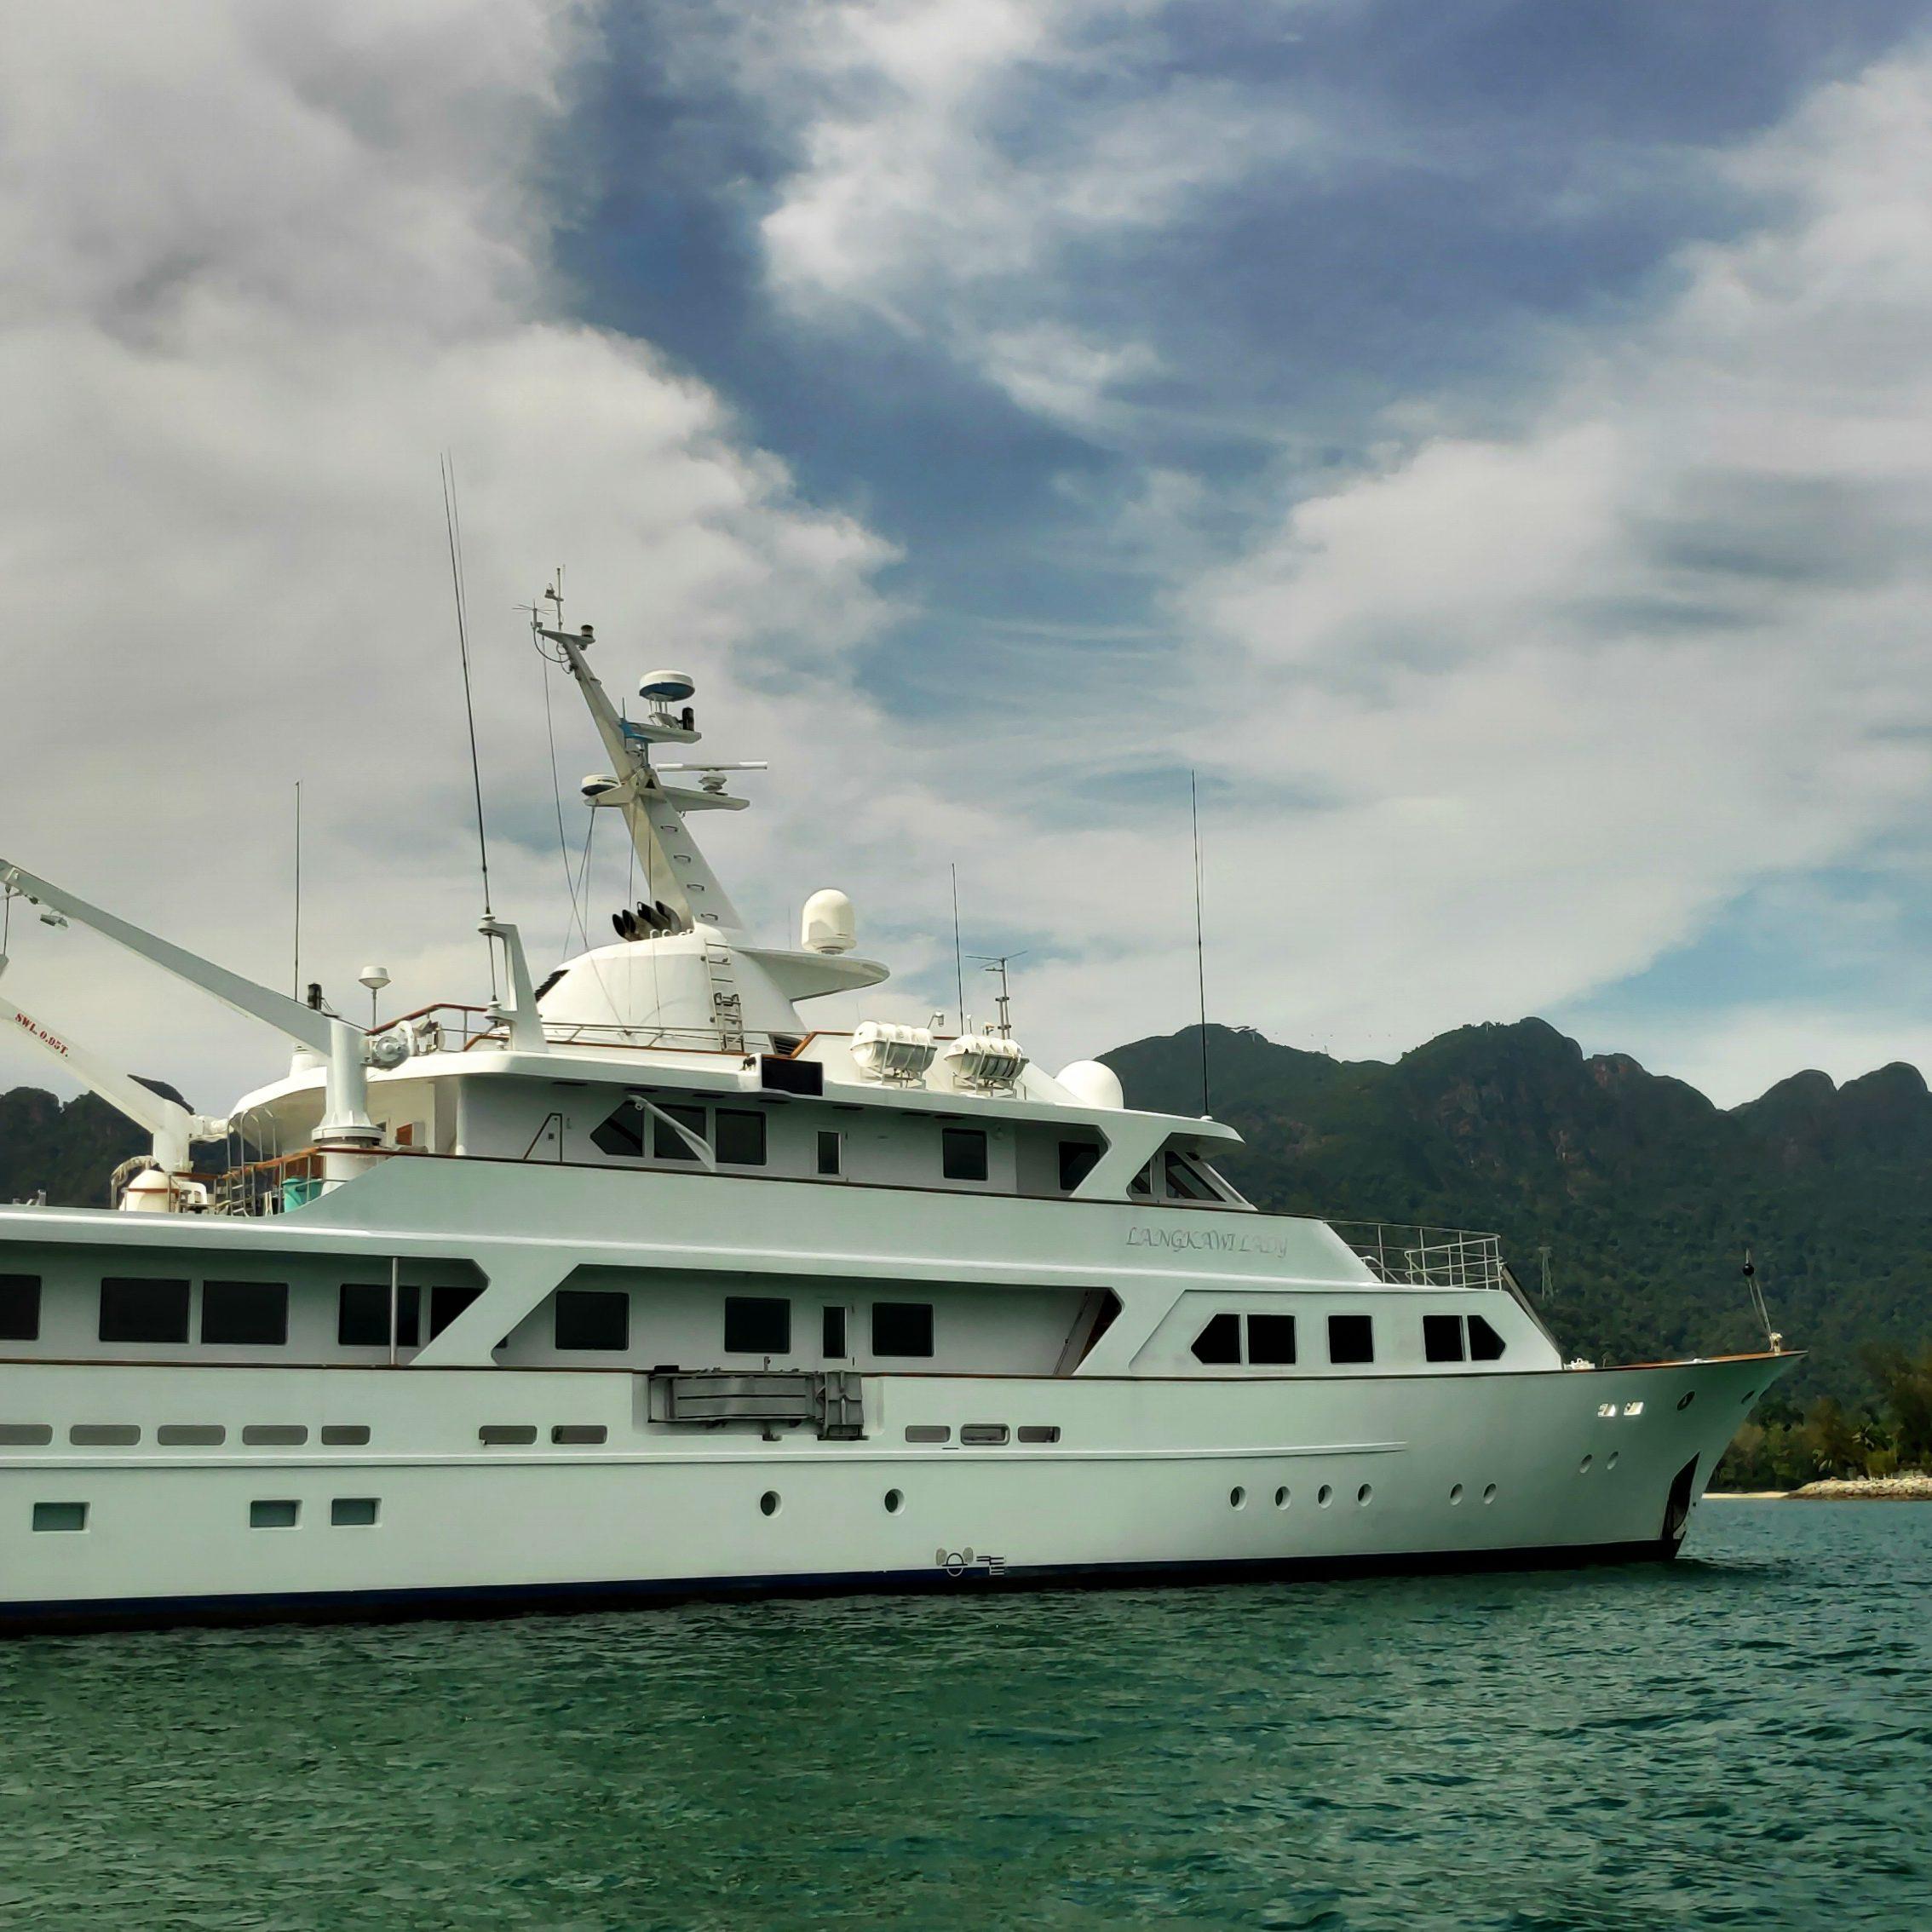 Langkawi Lady Yacht